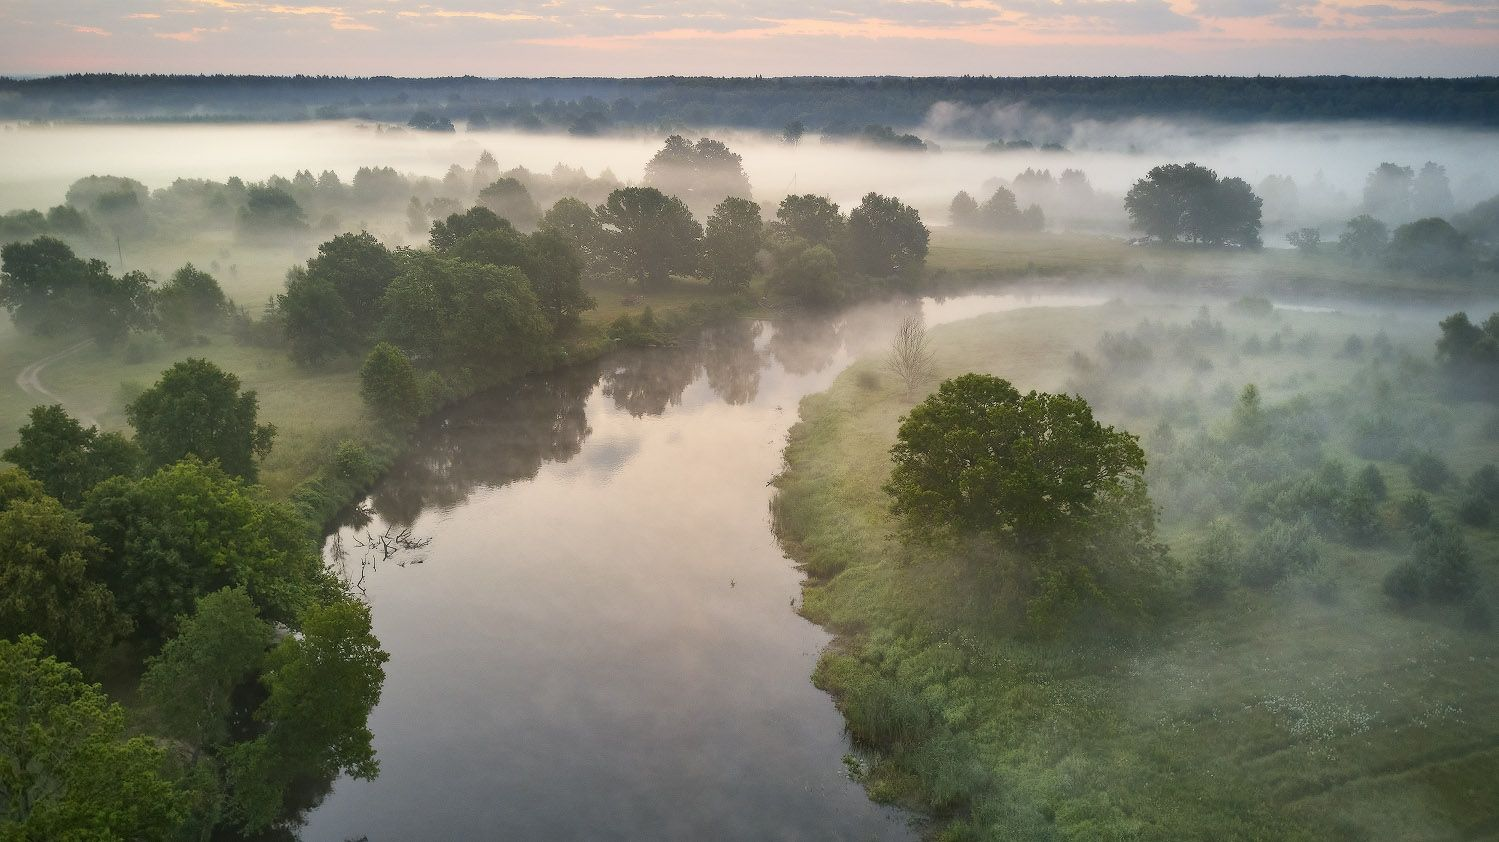 Занималось утро над летней дубравой Беларусь Дубрава Июль Лето Луга Рассвет Река Свислочь Туман Утро